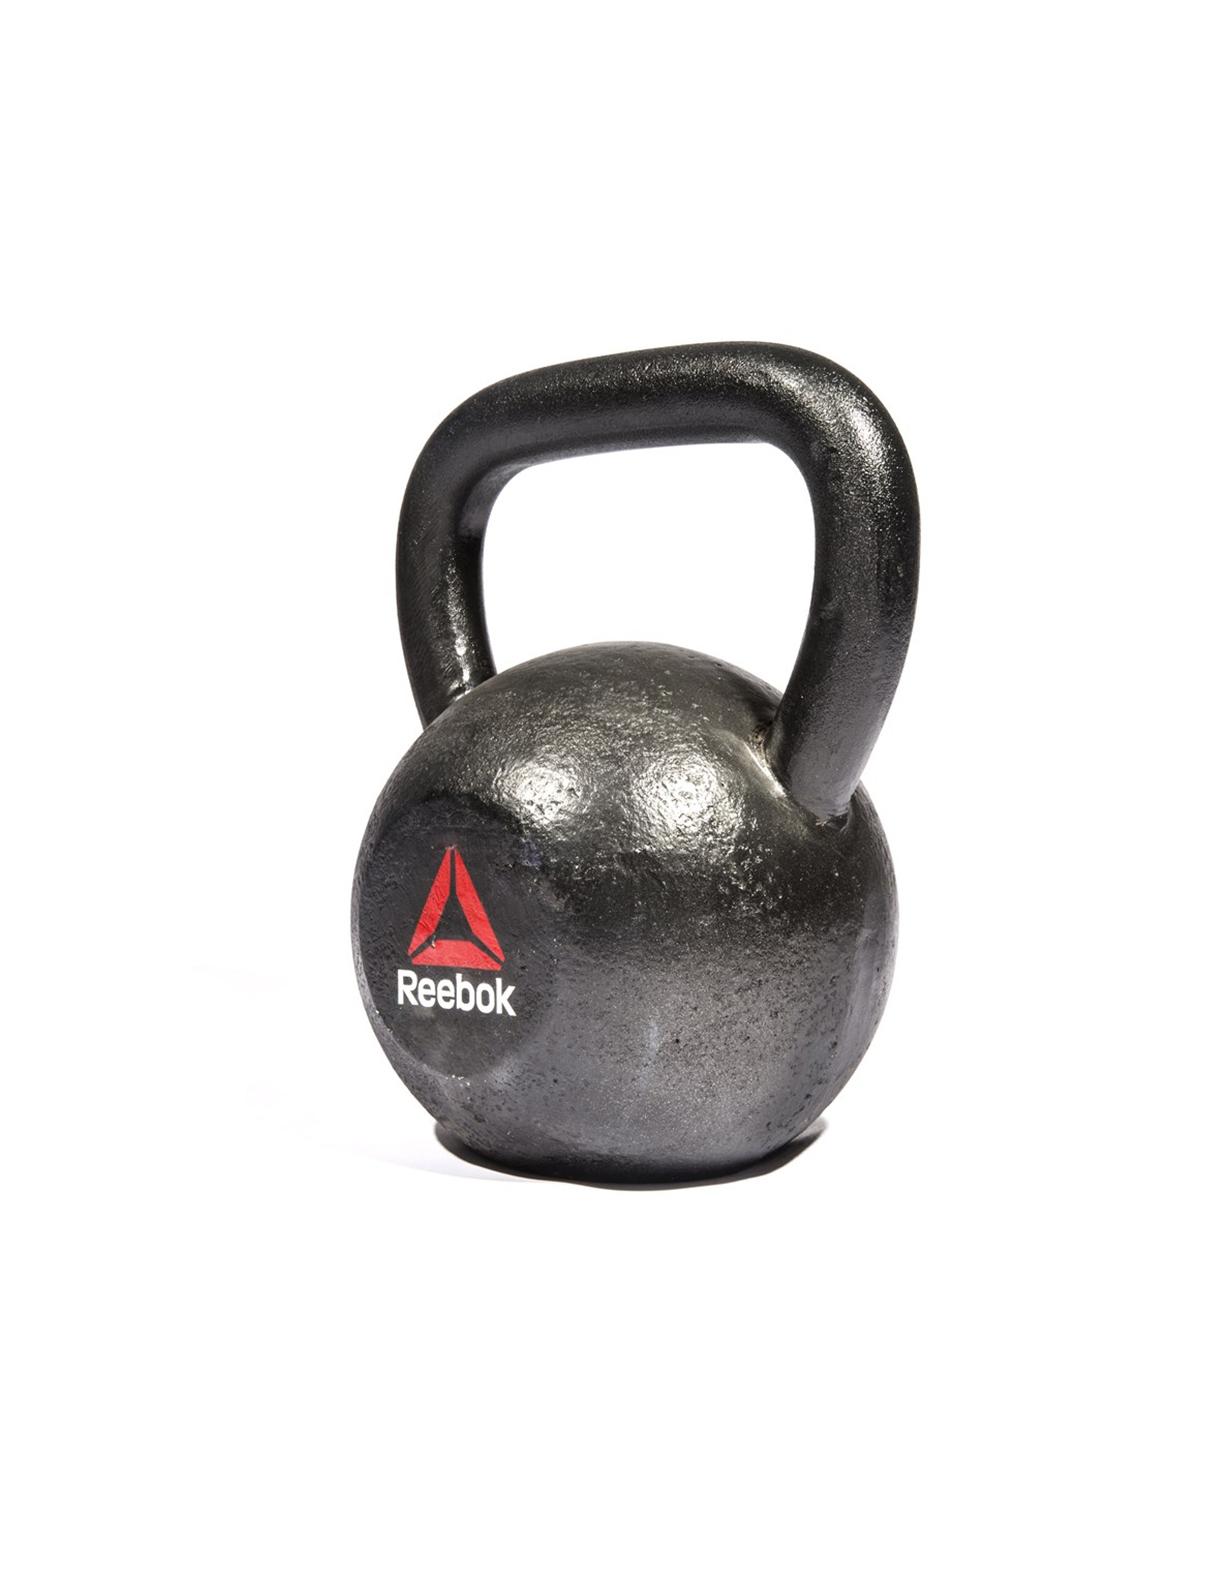 RSWT-12304 - Kettlebell - 40kg